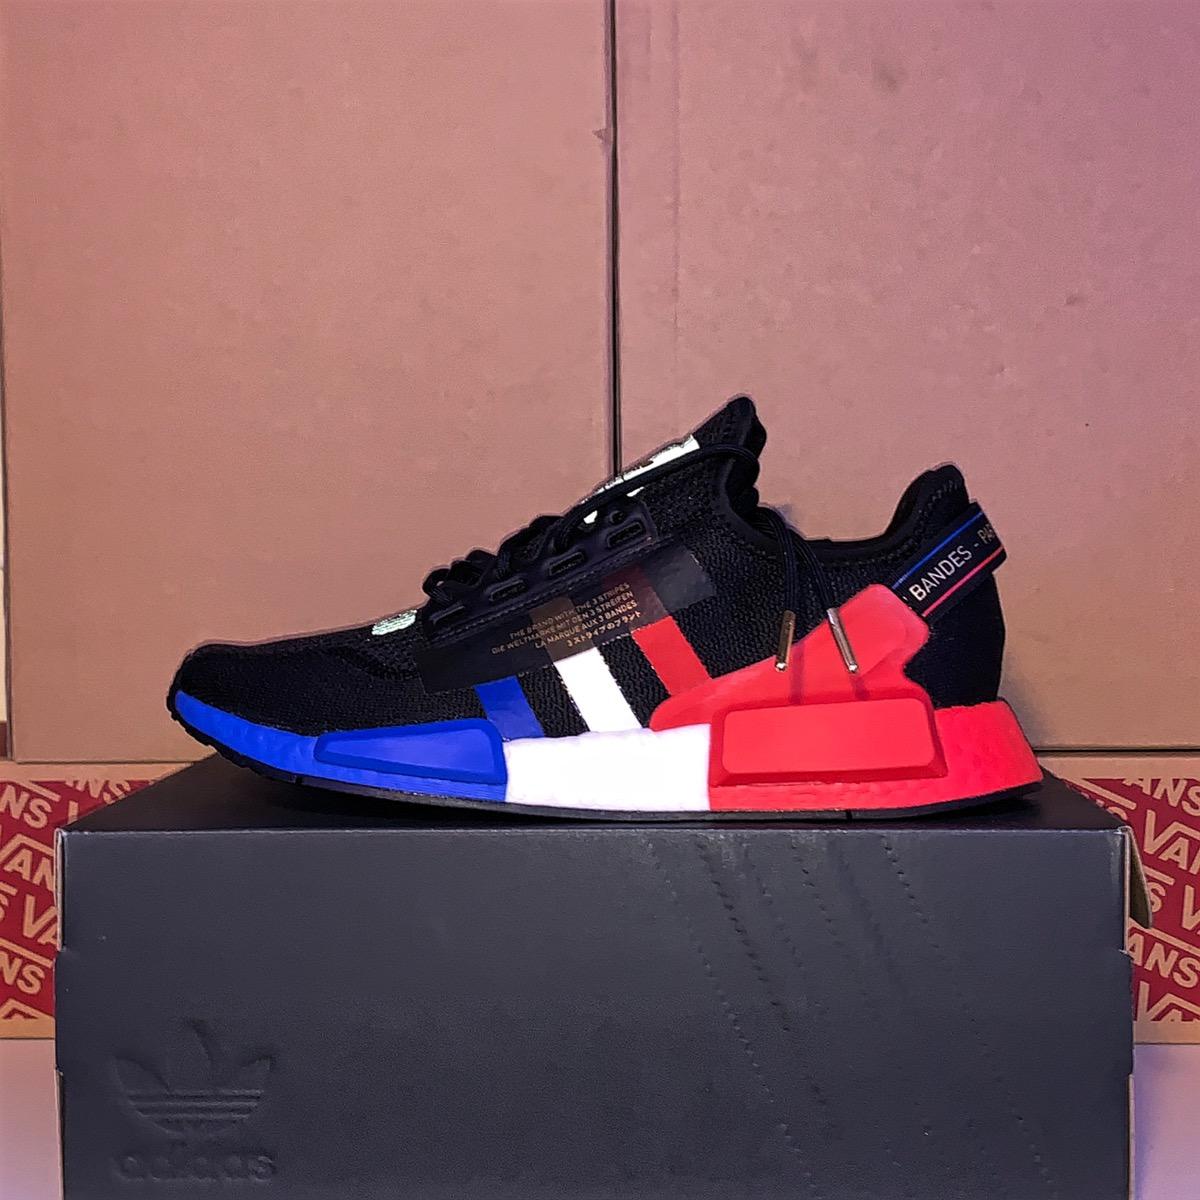 Adidas NMD_R1 V2 Paris